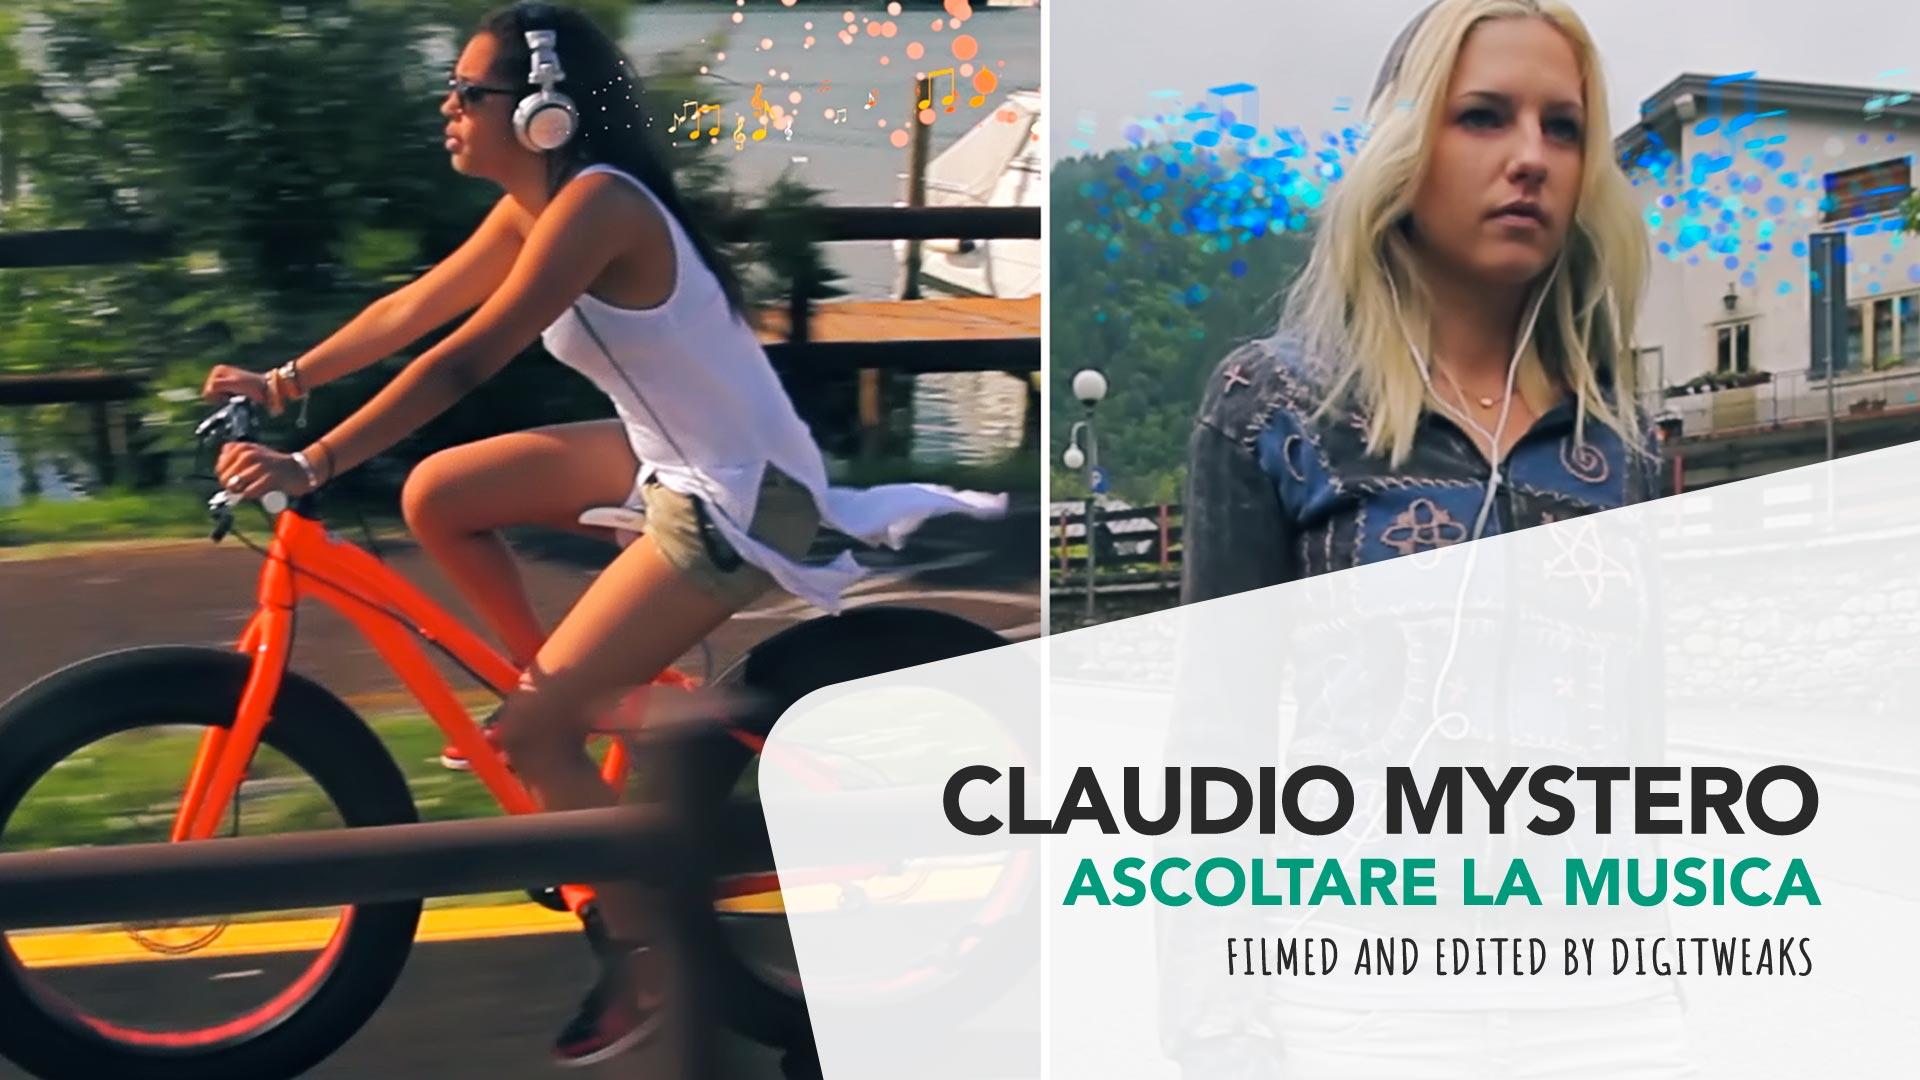 Claudio Mystero - Ascoltare La Musica